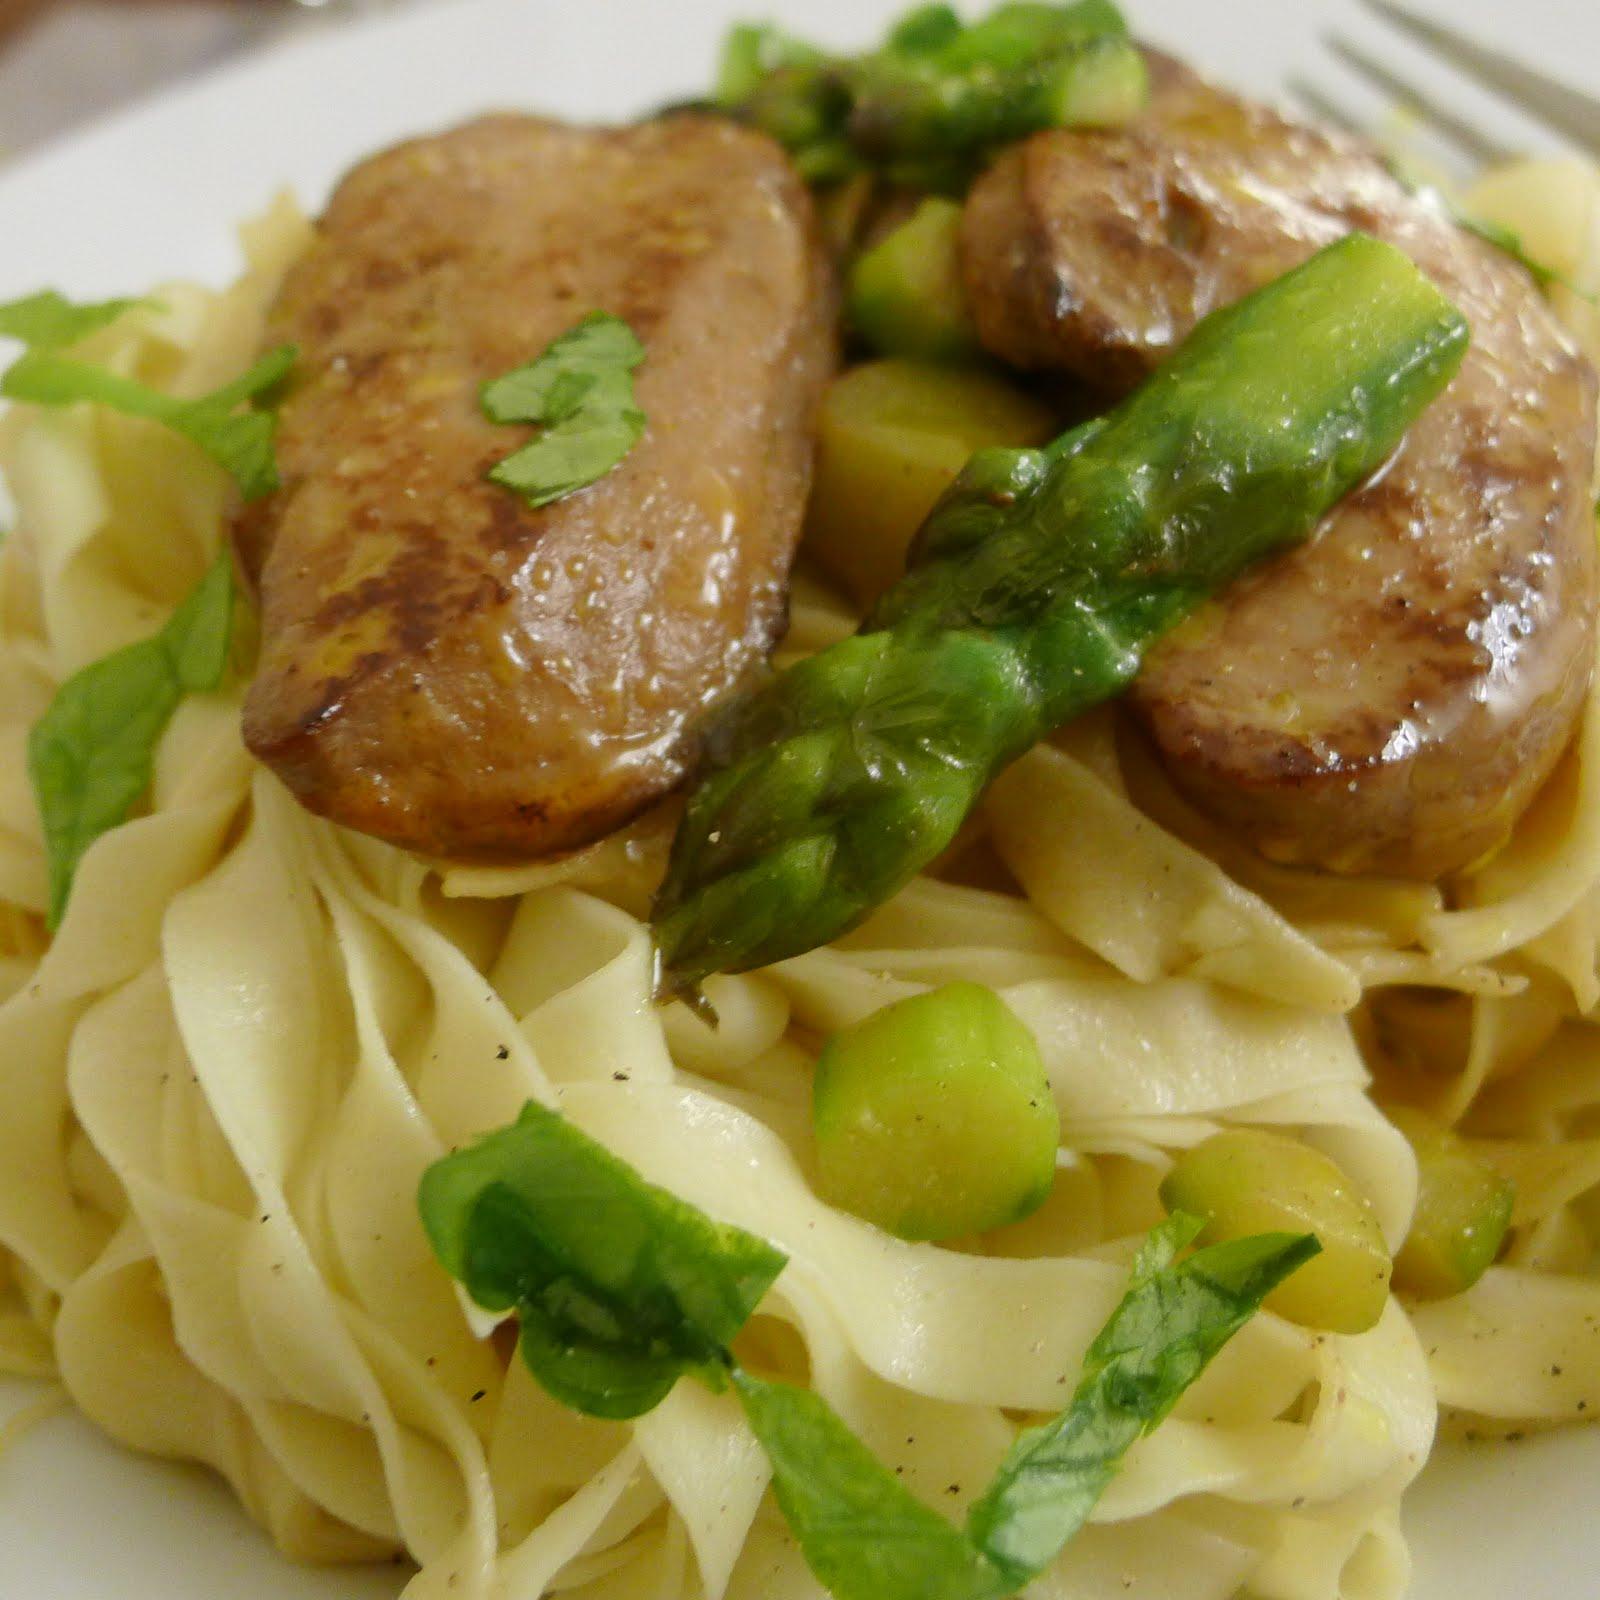 Th matique asperges toujours asperges vertes version luxe avec du foie gras des - Cuisiner les asperges vertes fraiches ...